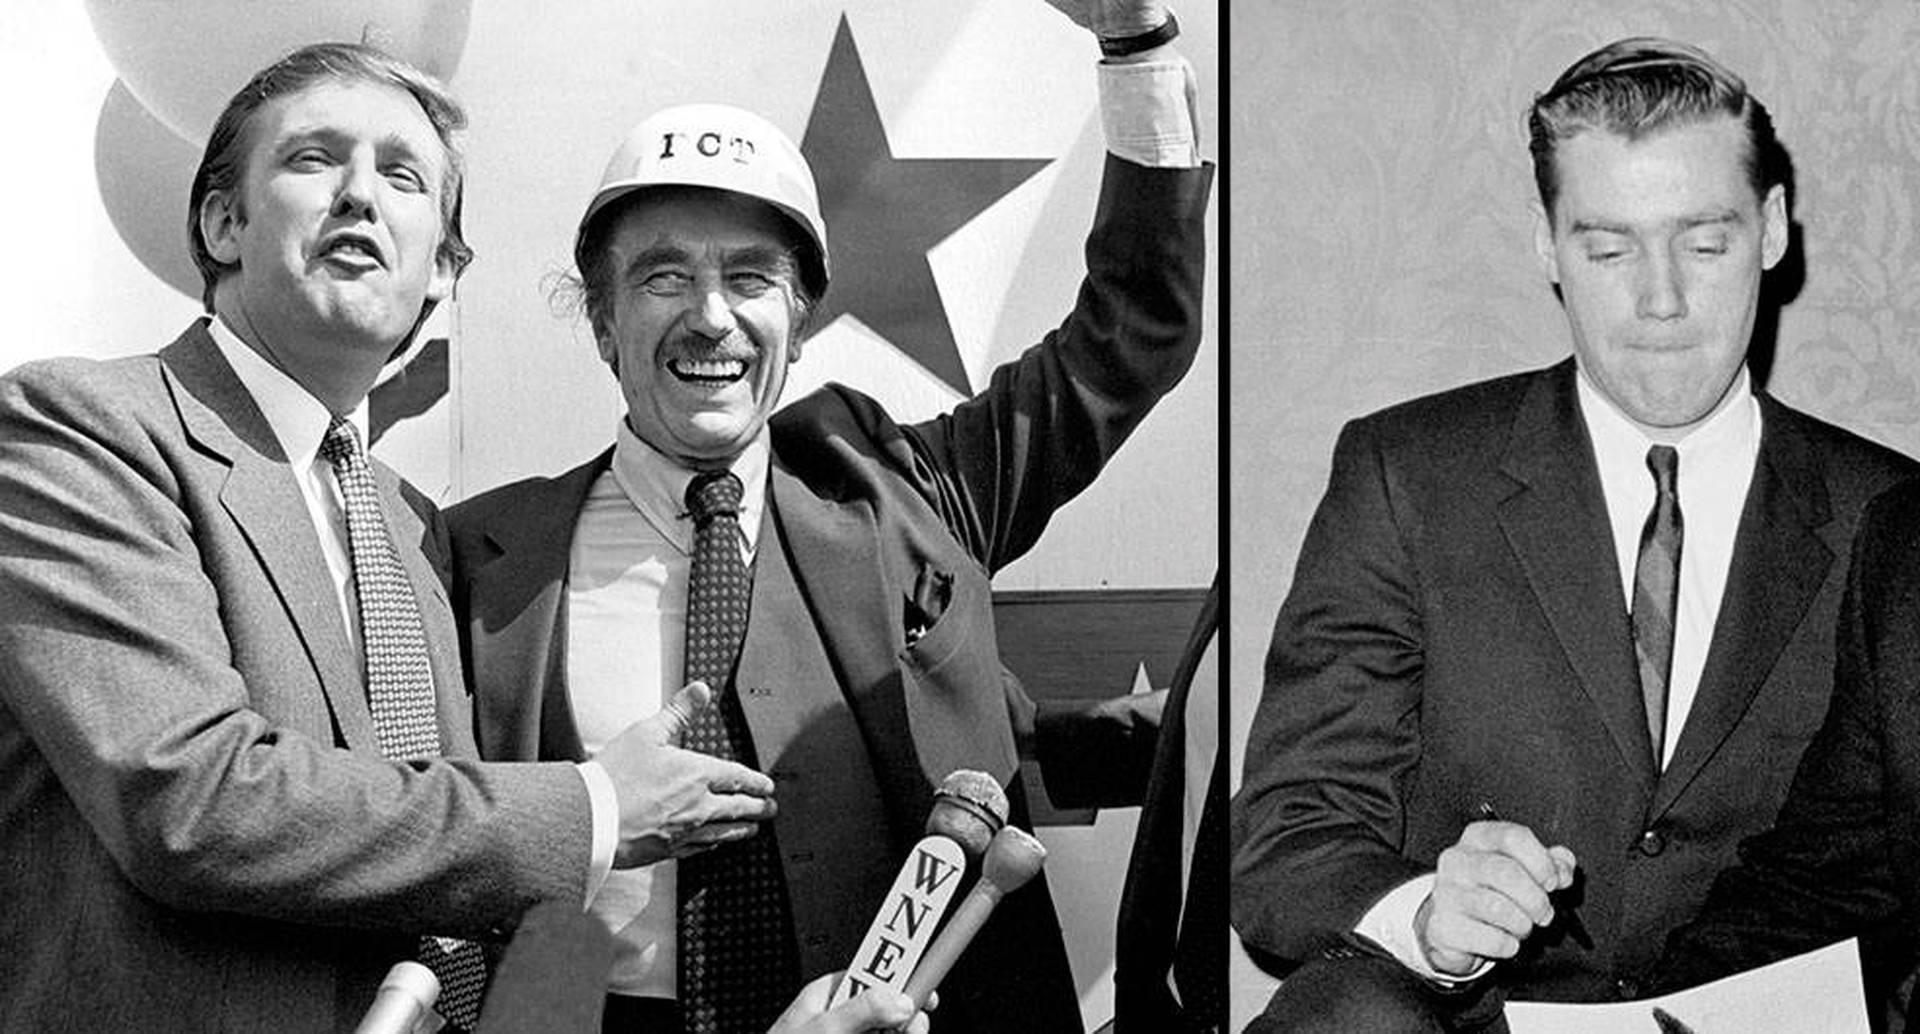 Donald Trump con su padre Fred, quien crio a sus hijos en un ambiente competitivo e intimidante. Esto resultó fatal para Fred Jr., el hermano mayor, quien se volvió alcohólico y murió a los 43 años.